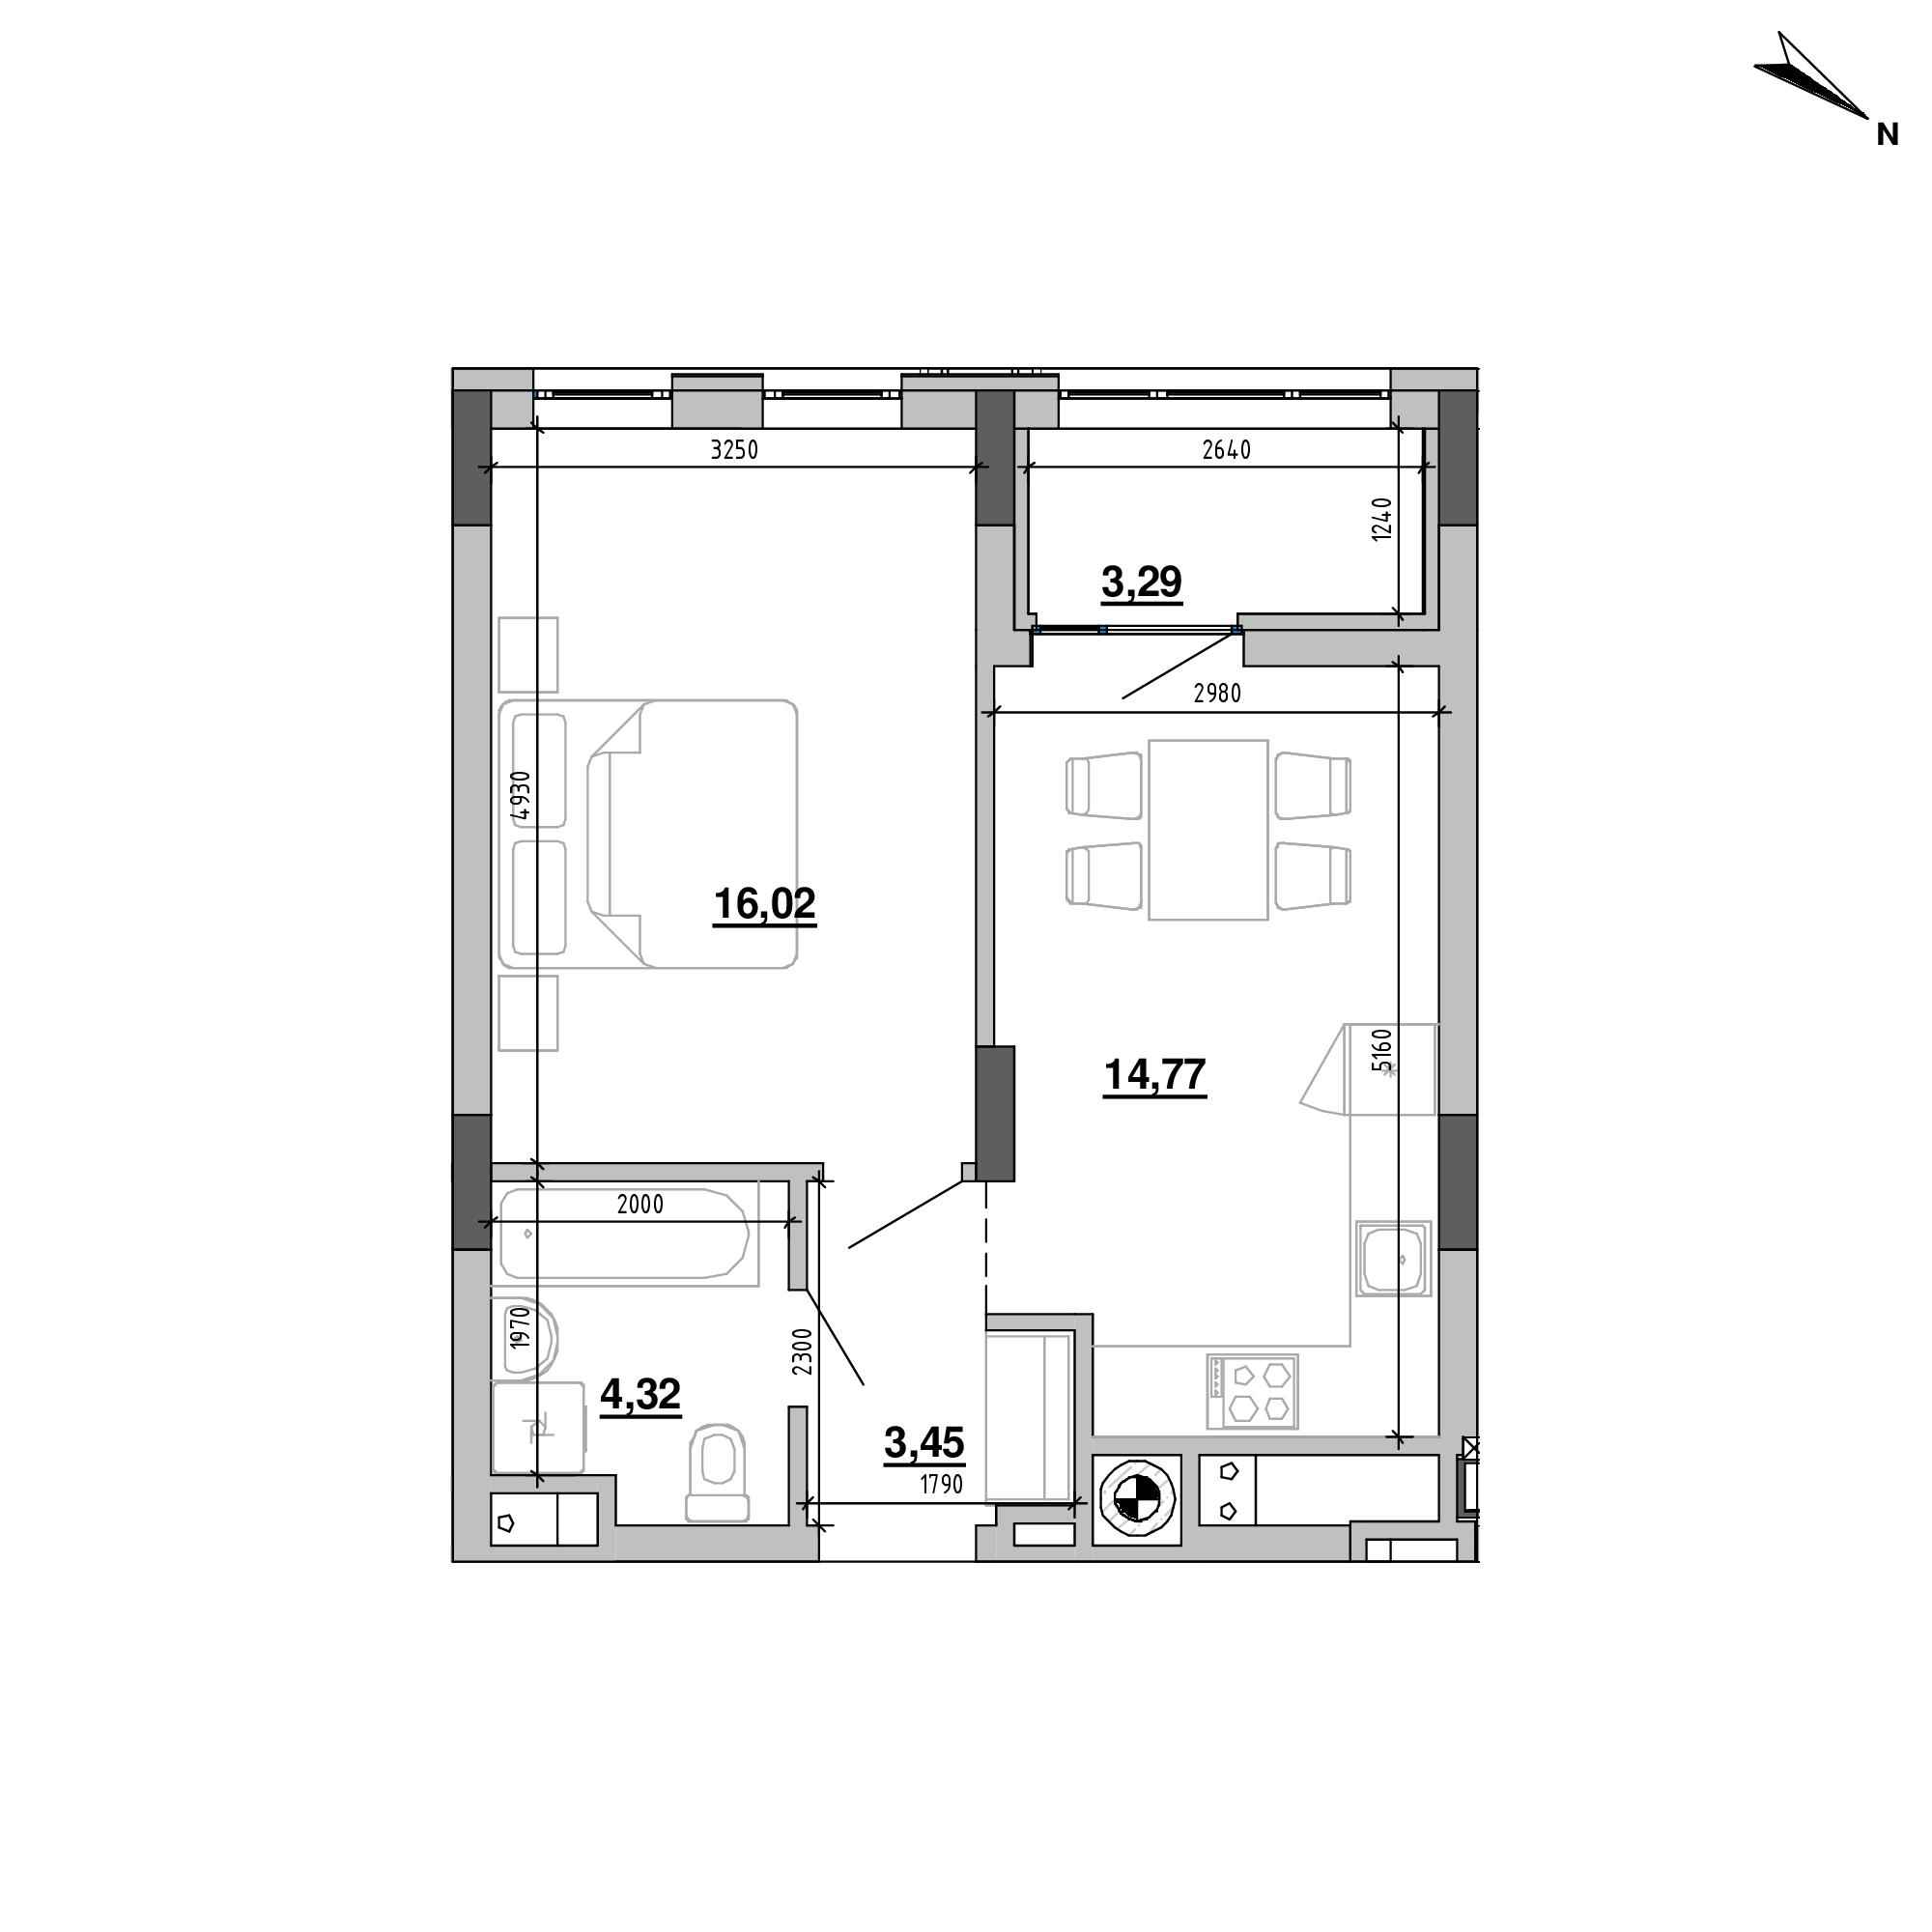 ЖК Підзамче. Вежа: планування 1-кімнатної квартири, №13, 41.85 м<sup>2</sup>